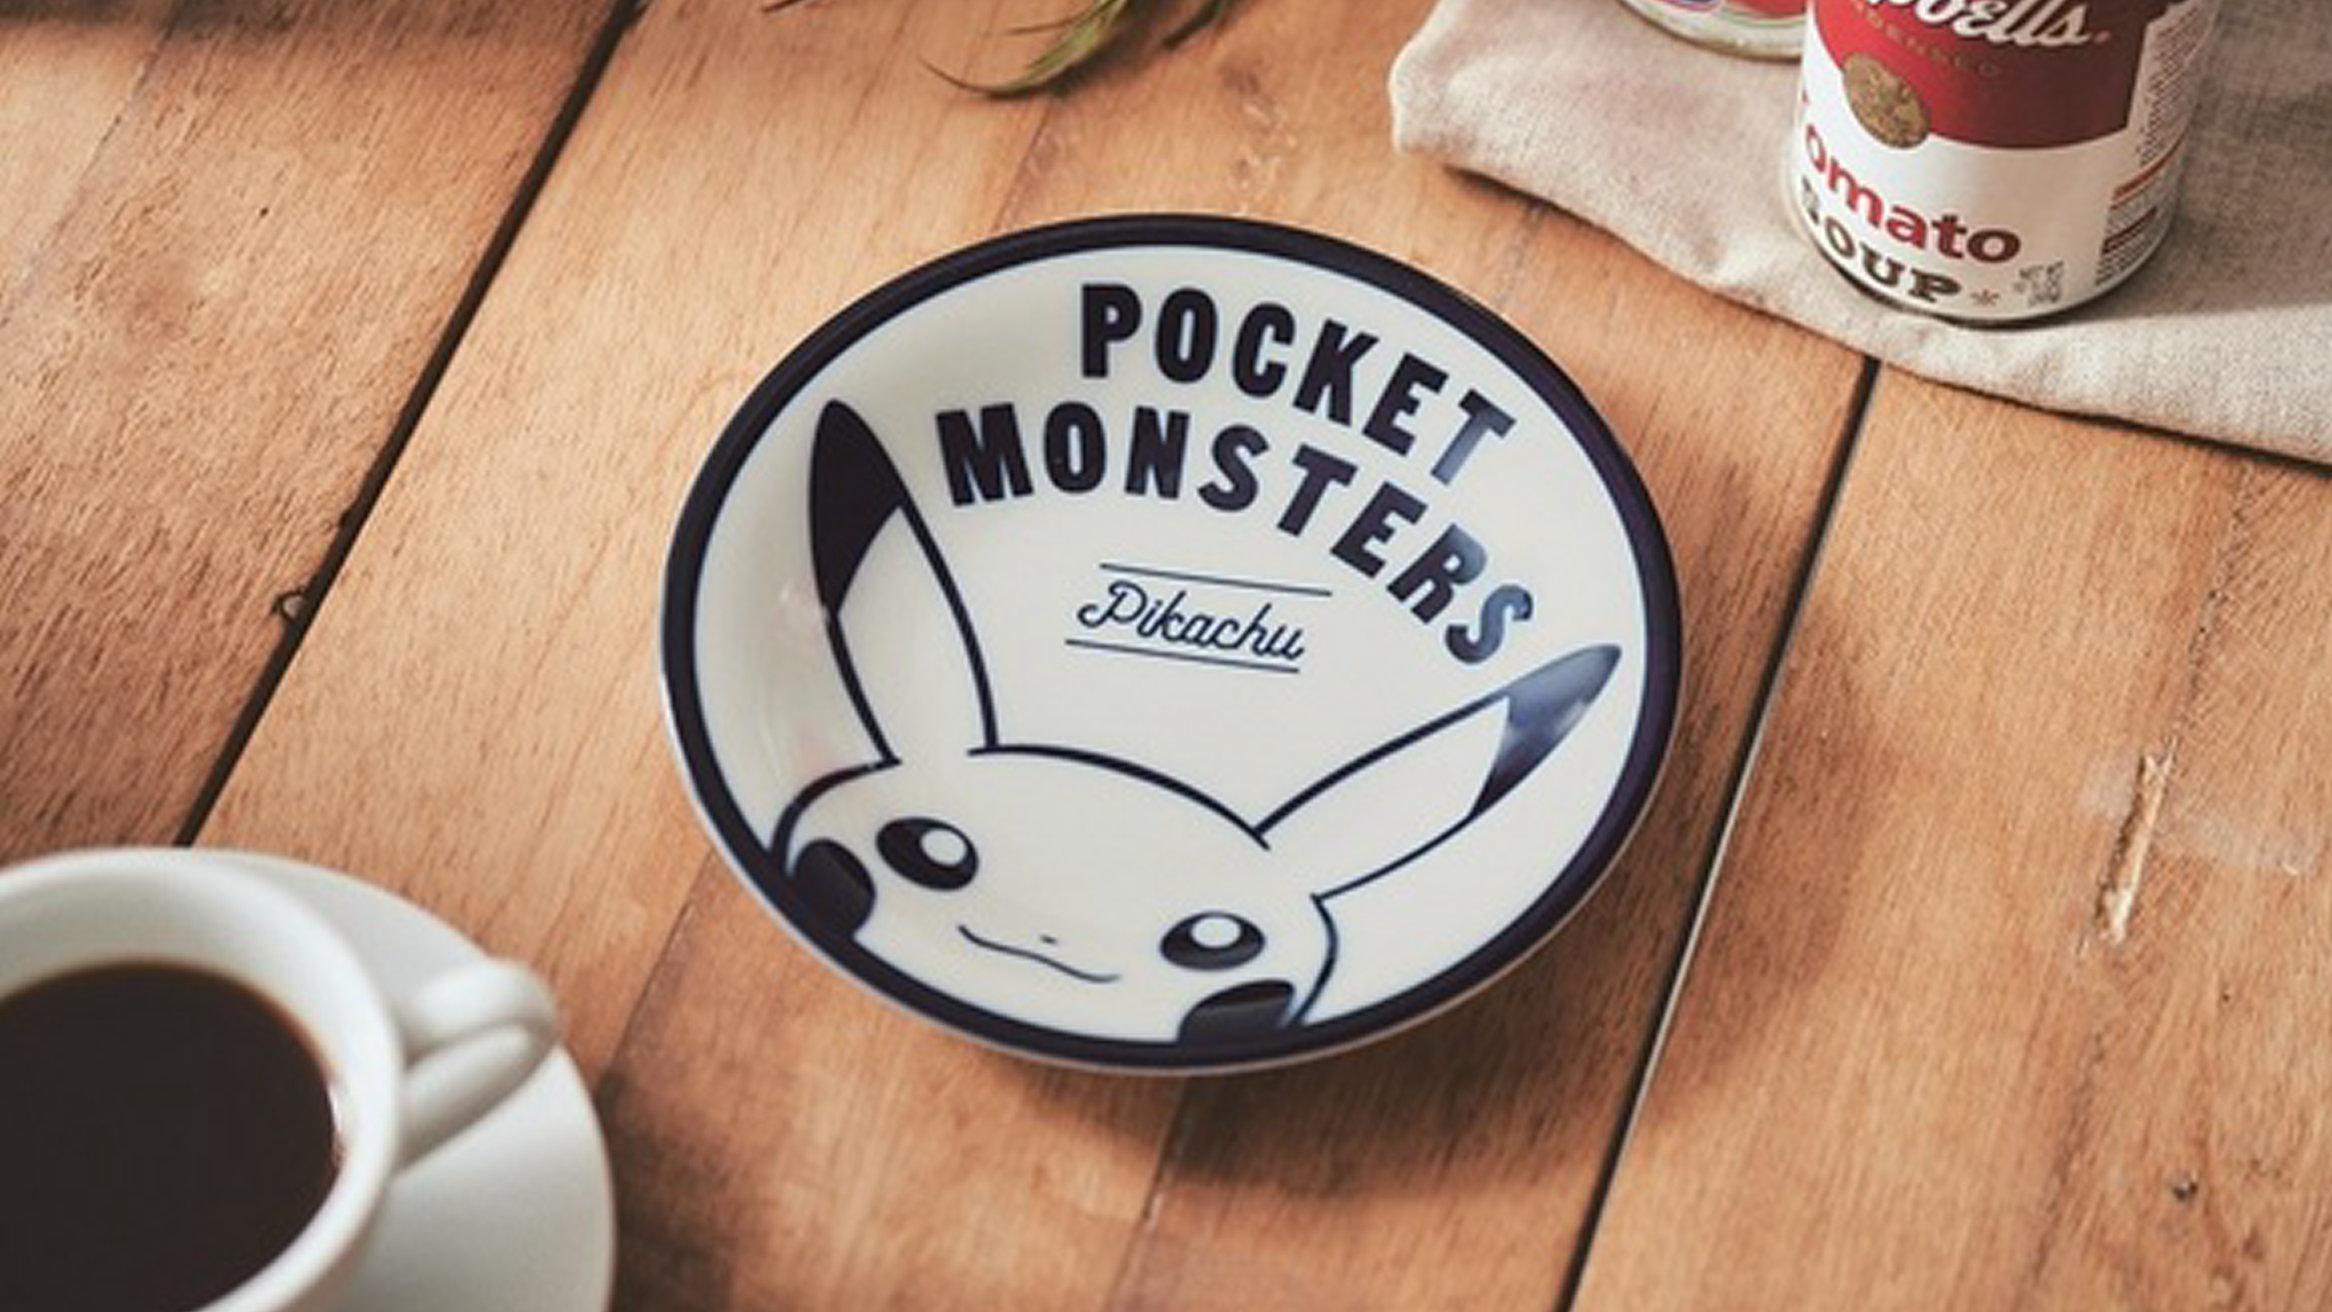 ピカチュウの美濃焼のお皿がsteady付録。インテリアバッグ